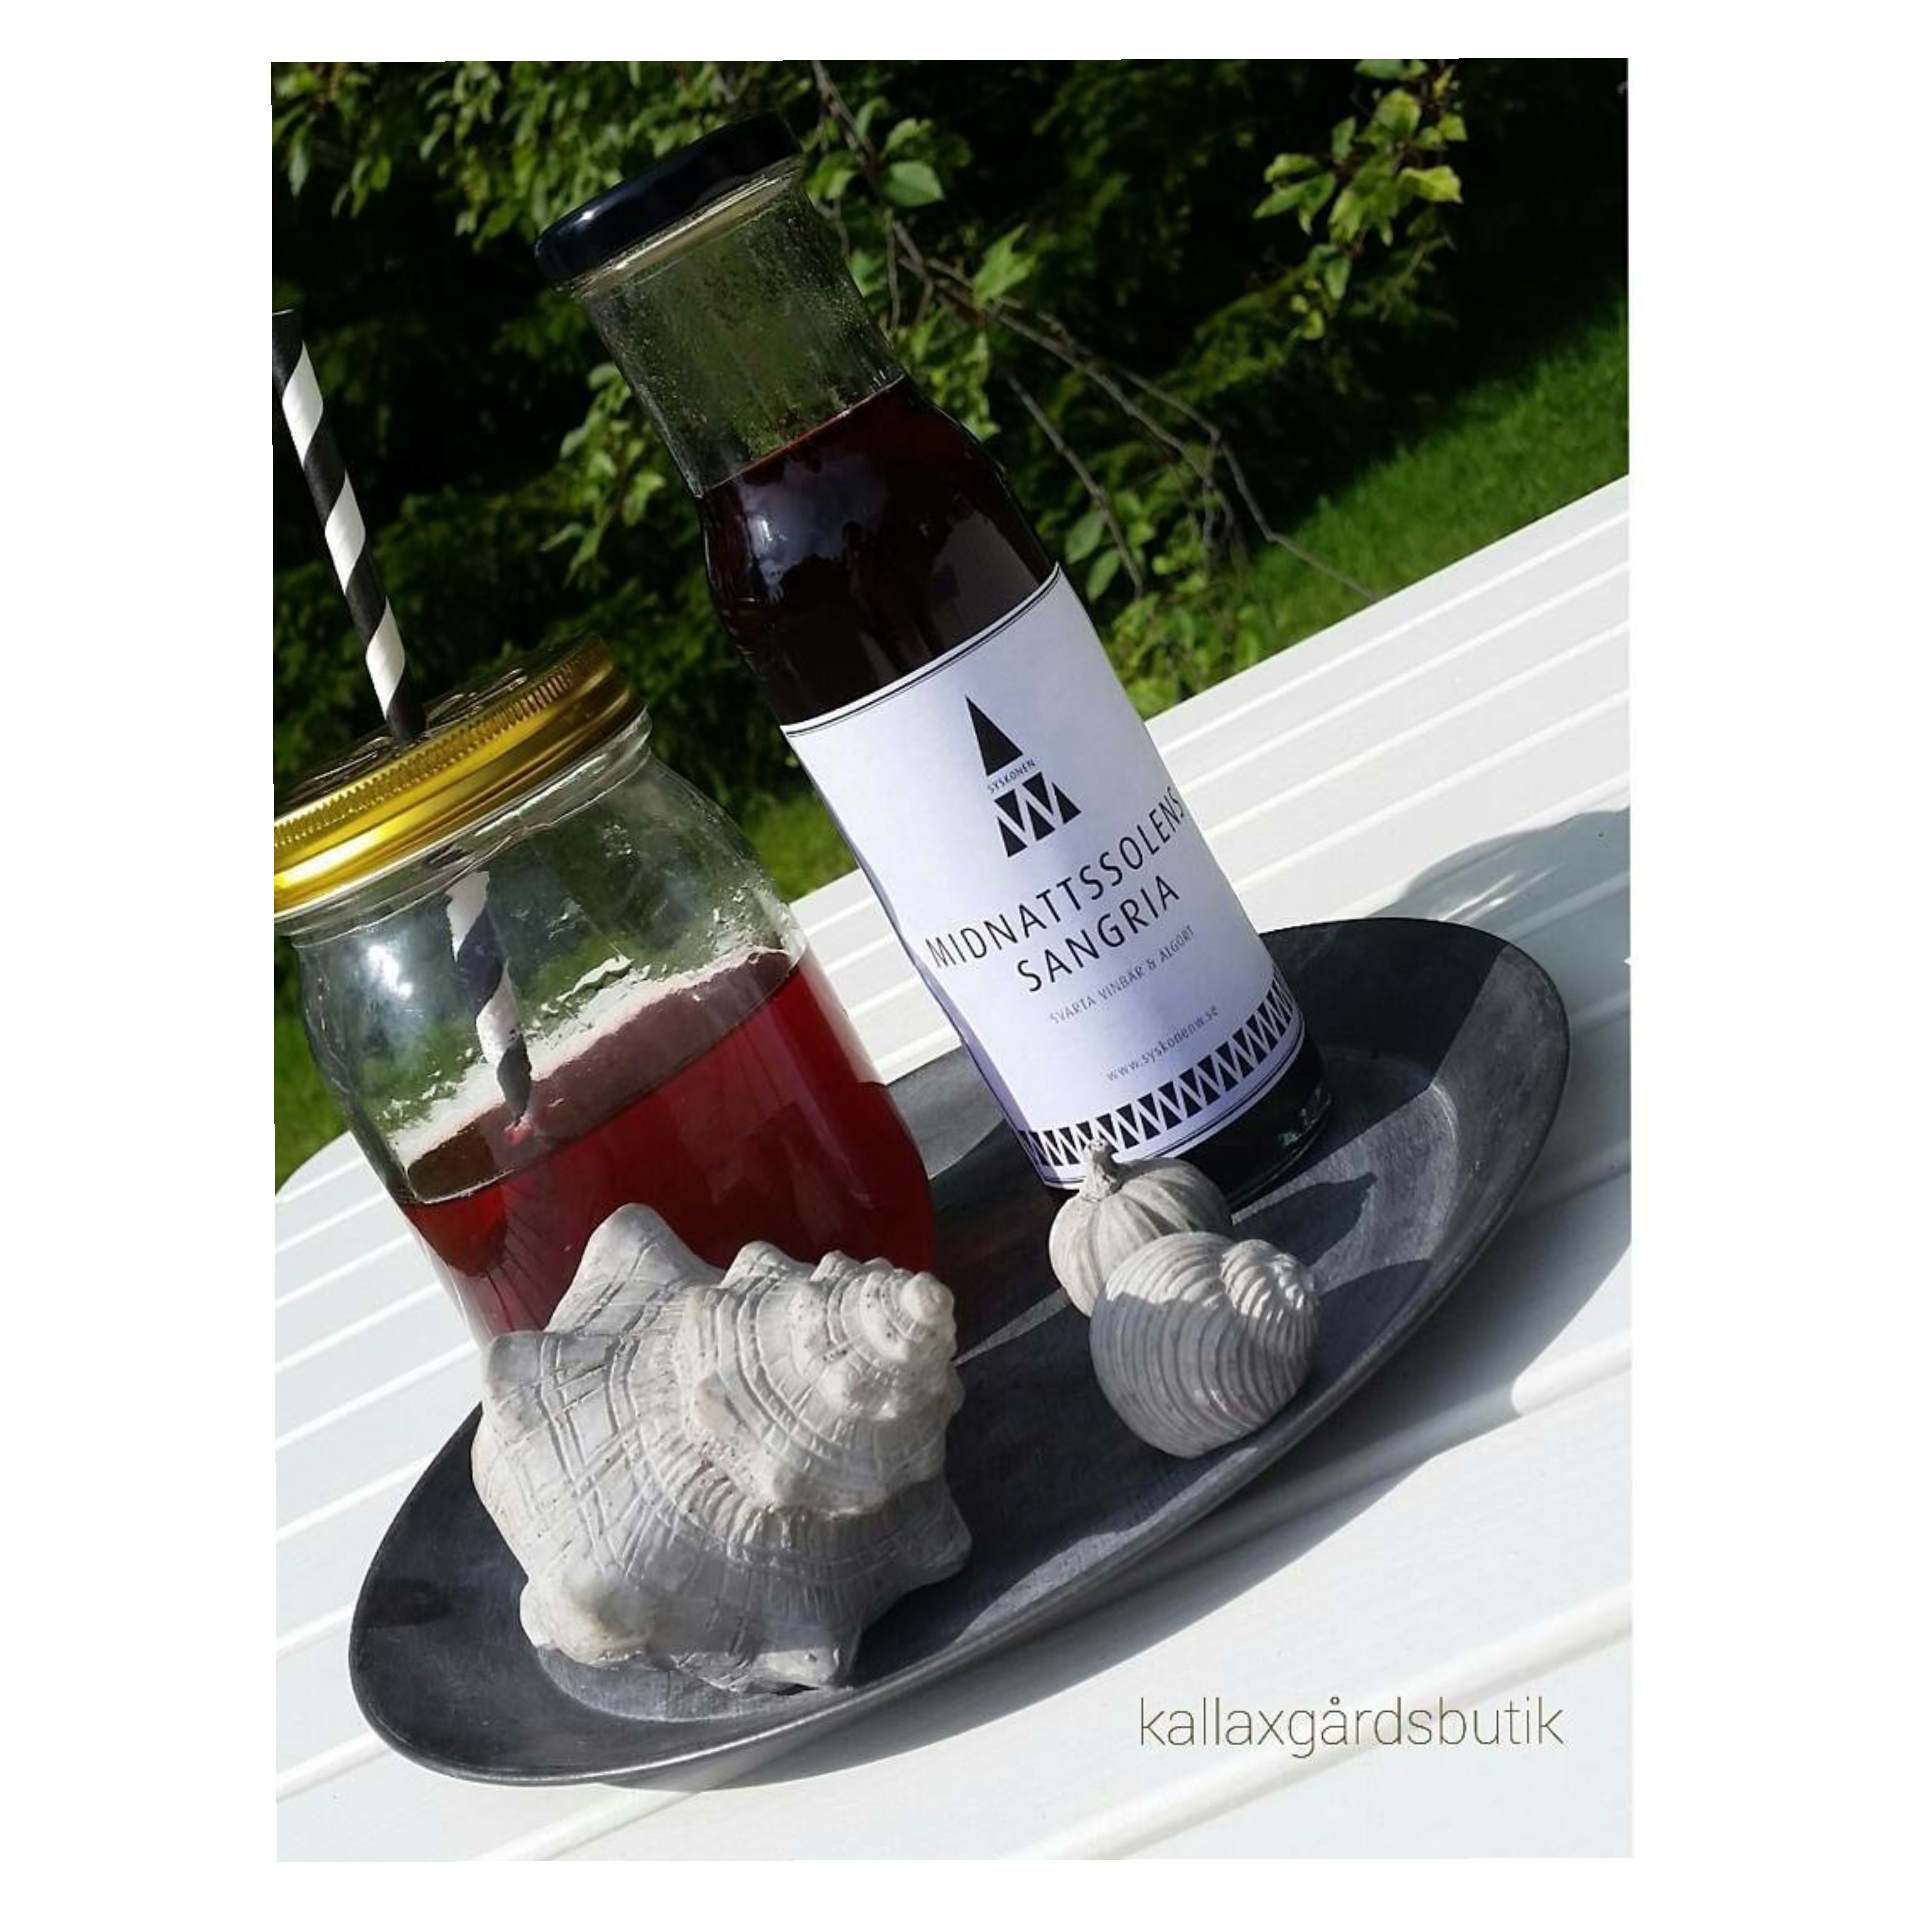 midnattssolens-sangria-kall-bar-drink-svartainbar-algort-hantverk